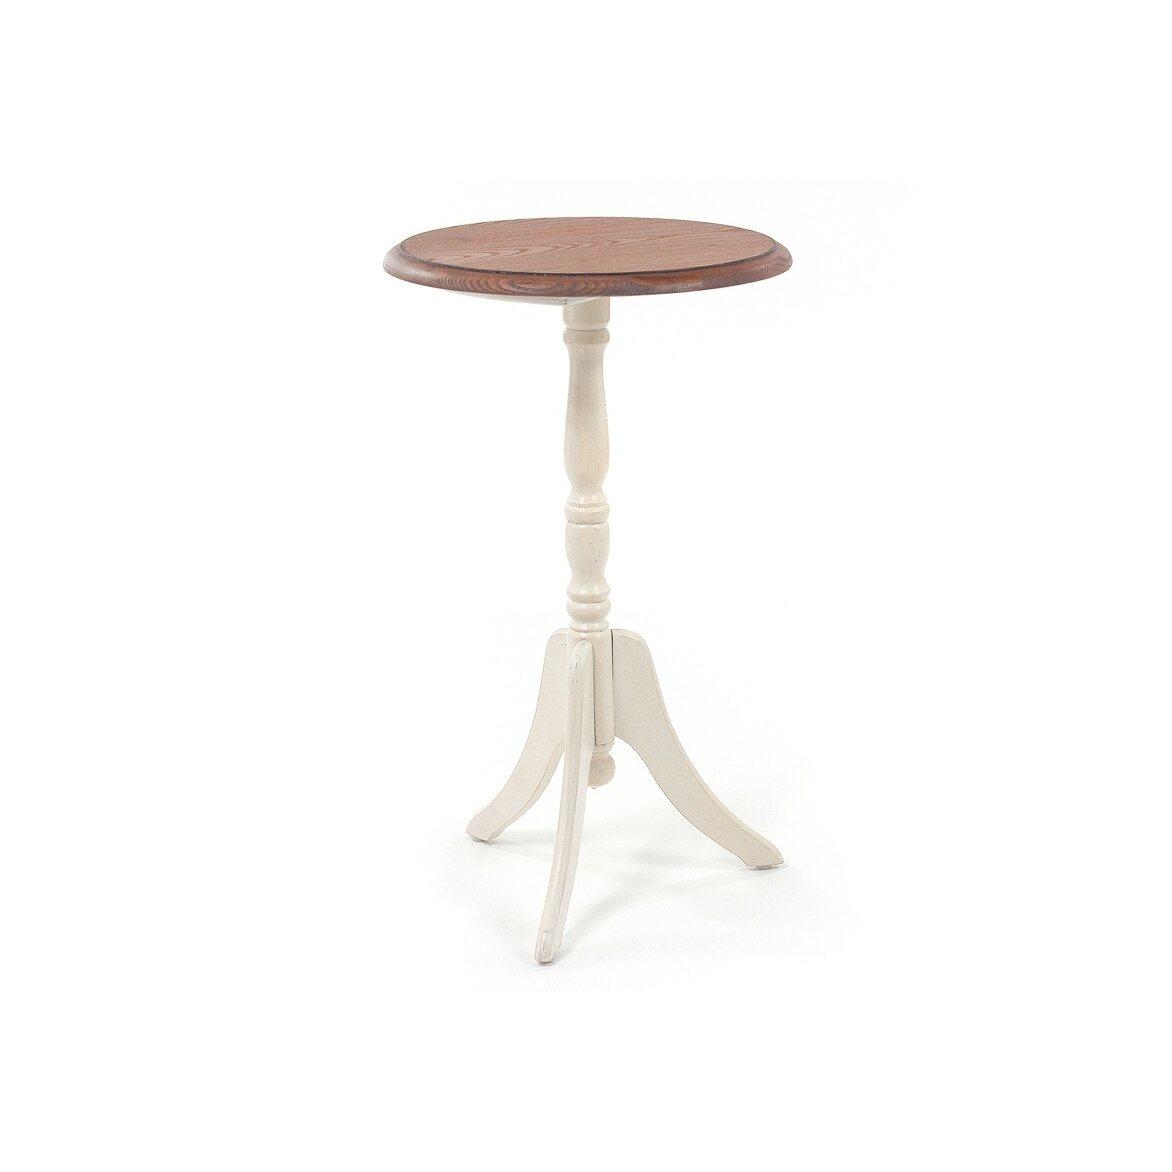 Кофейный столик (круглый) Leontina, бежевого цвета | Кофейные столики Kingsby